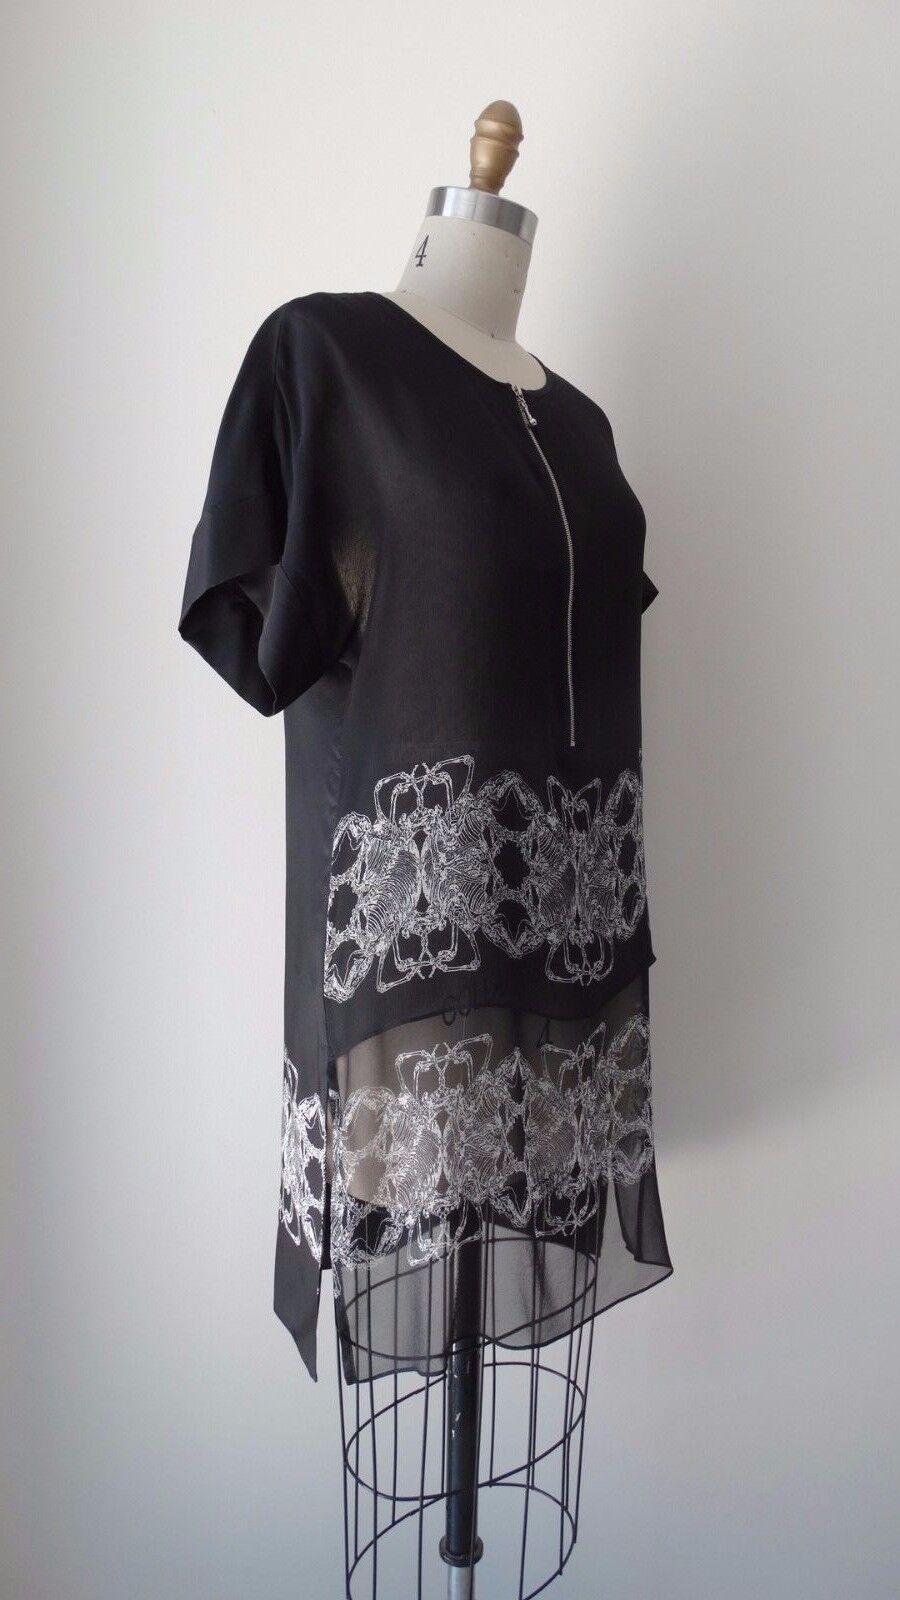 Mini Vestido Thomas Wylde  Negro Seda impreso estilo Túnica De Manga Corta Talle Xs  exclusivo